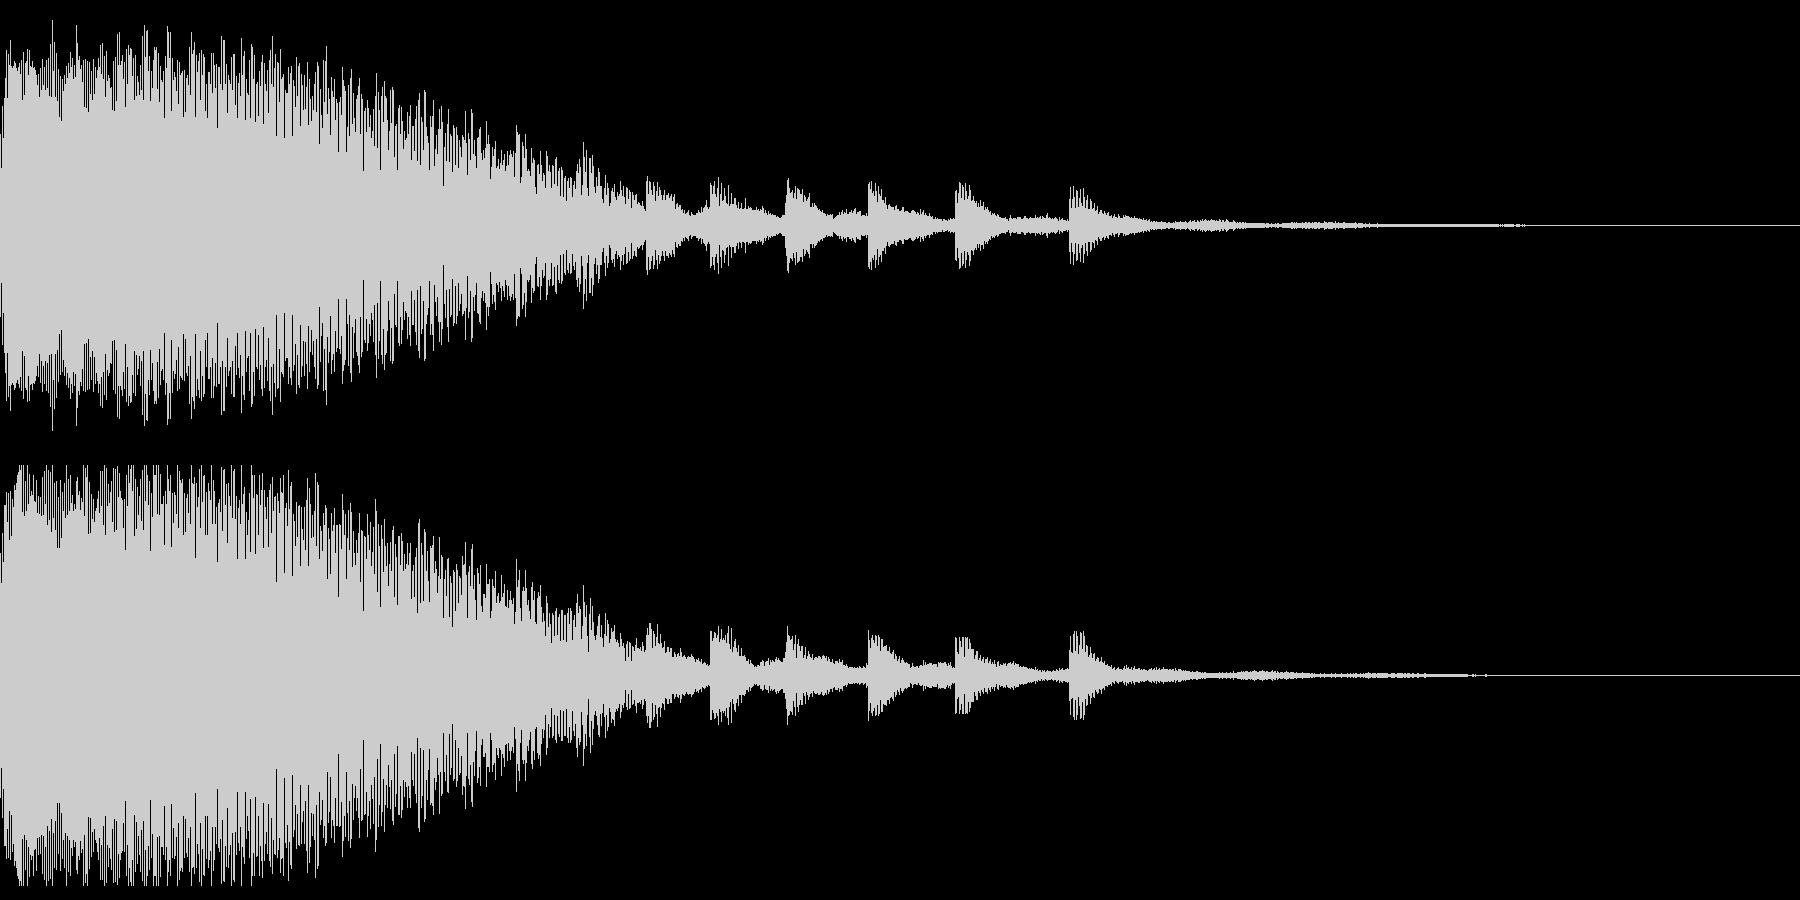 ルーレットのようなインパクト音の未再生の波形